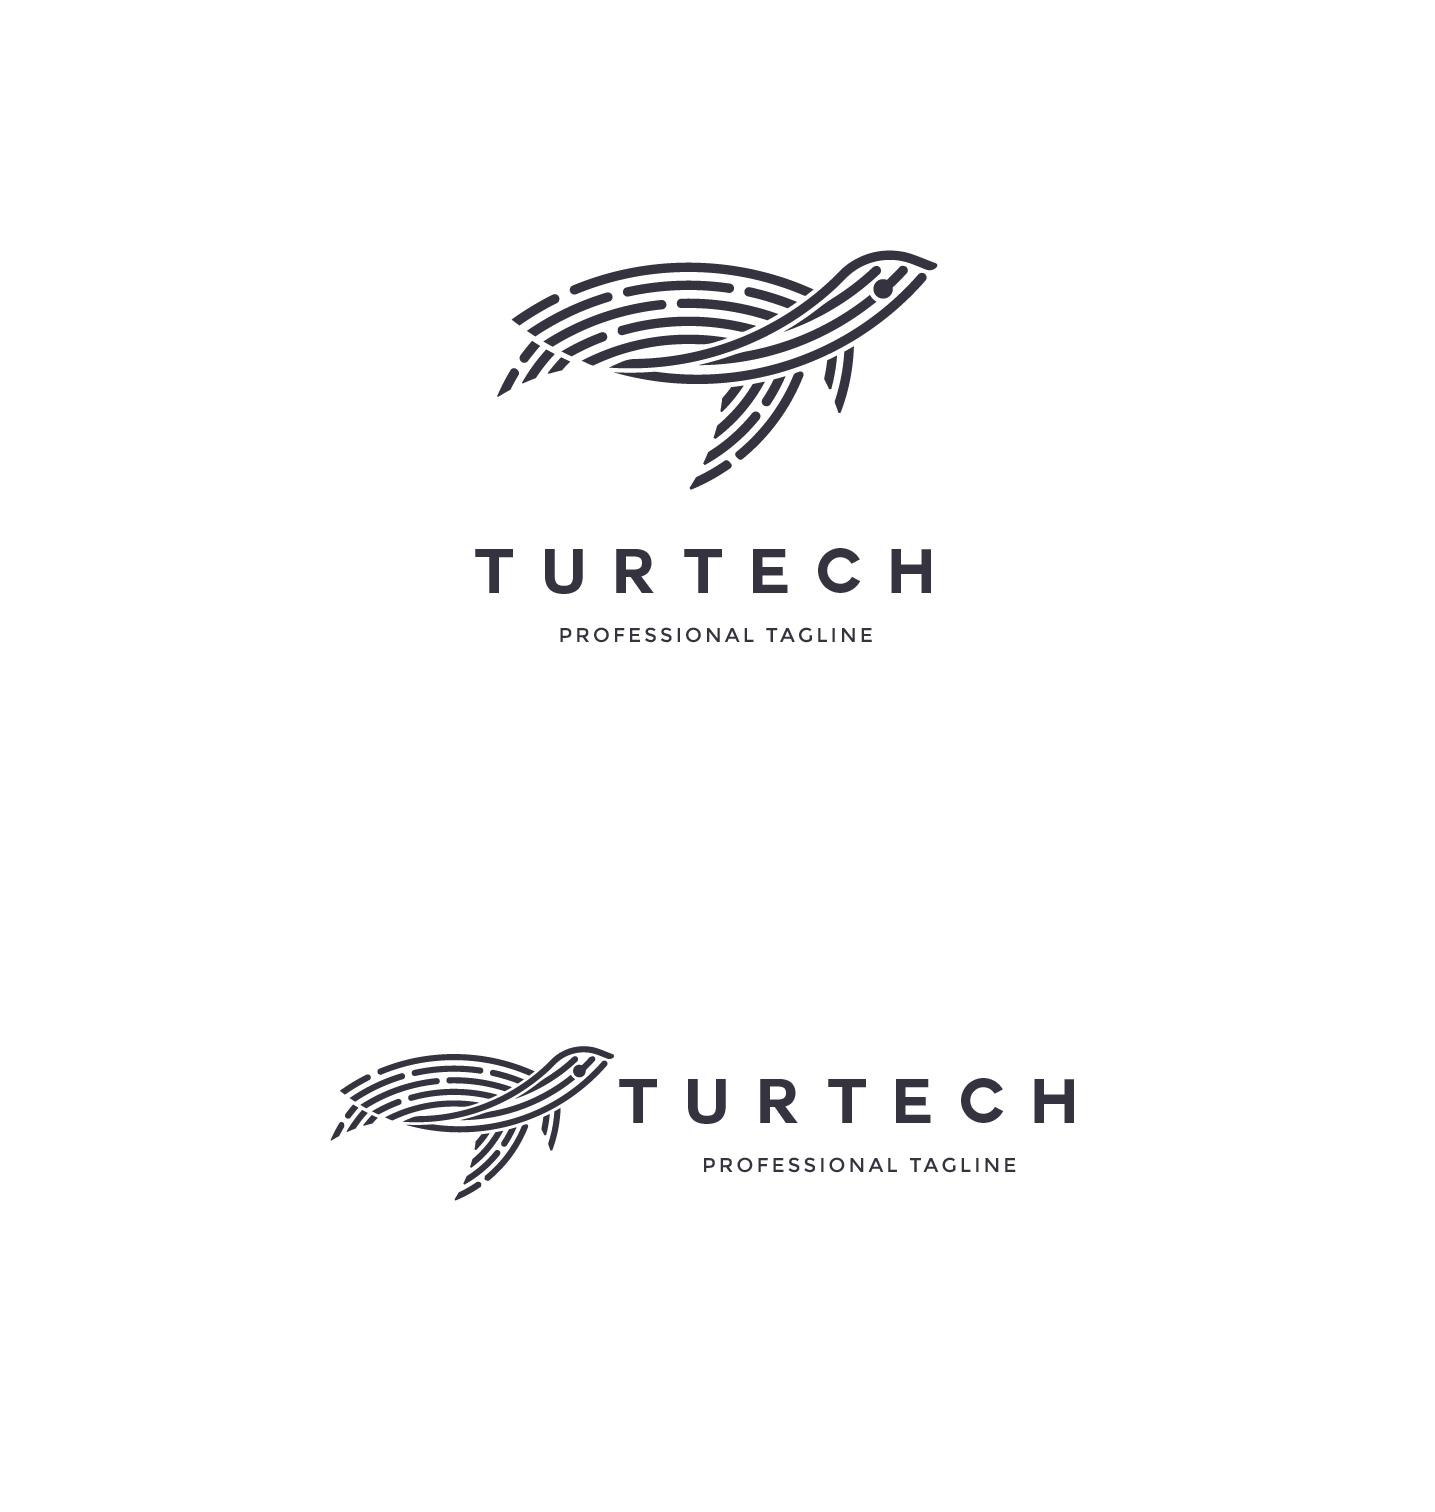 Animal Logo - Turtle Logo example image 6